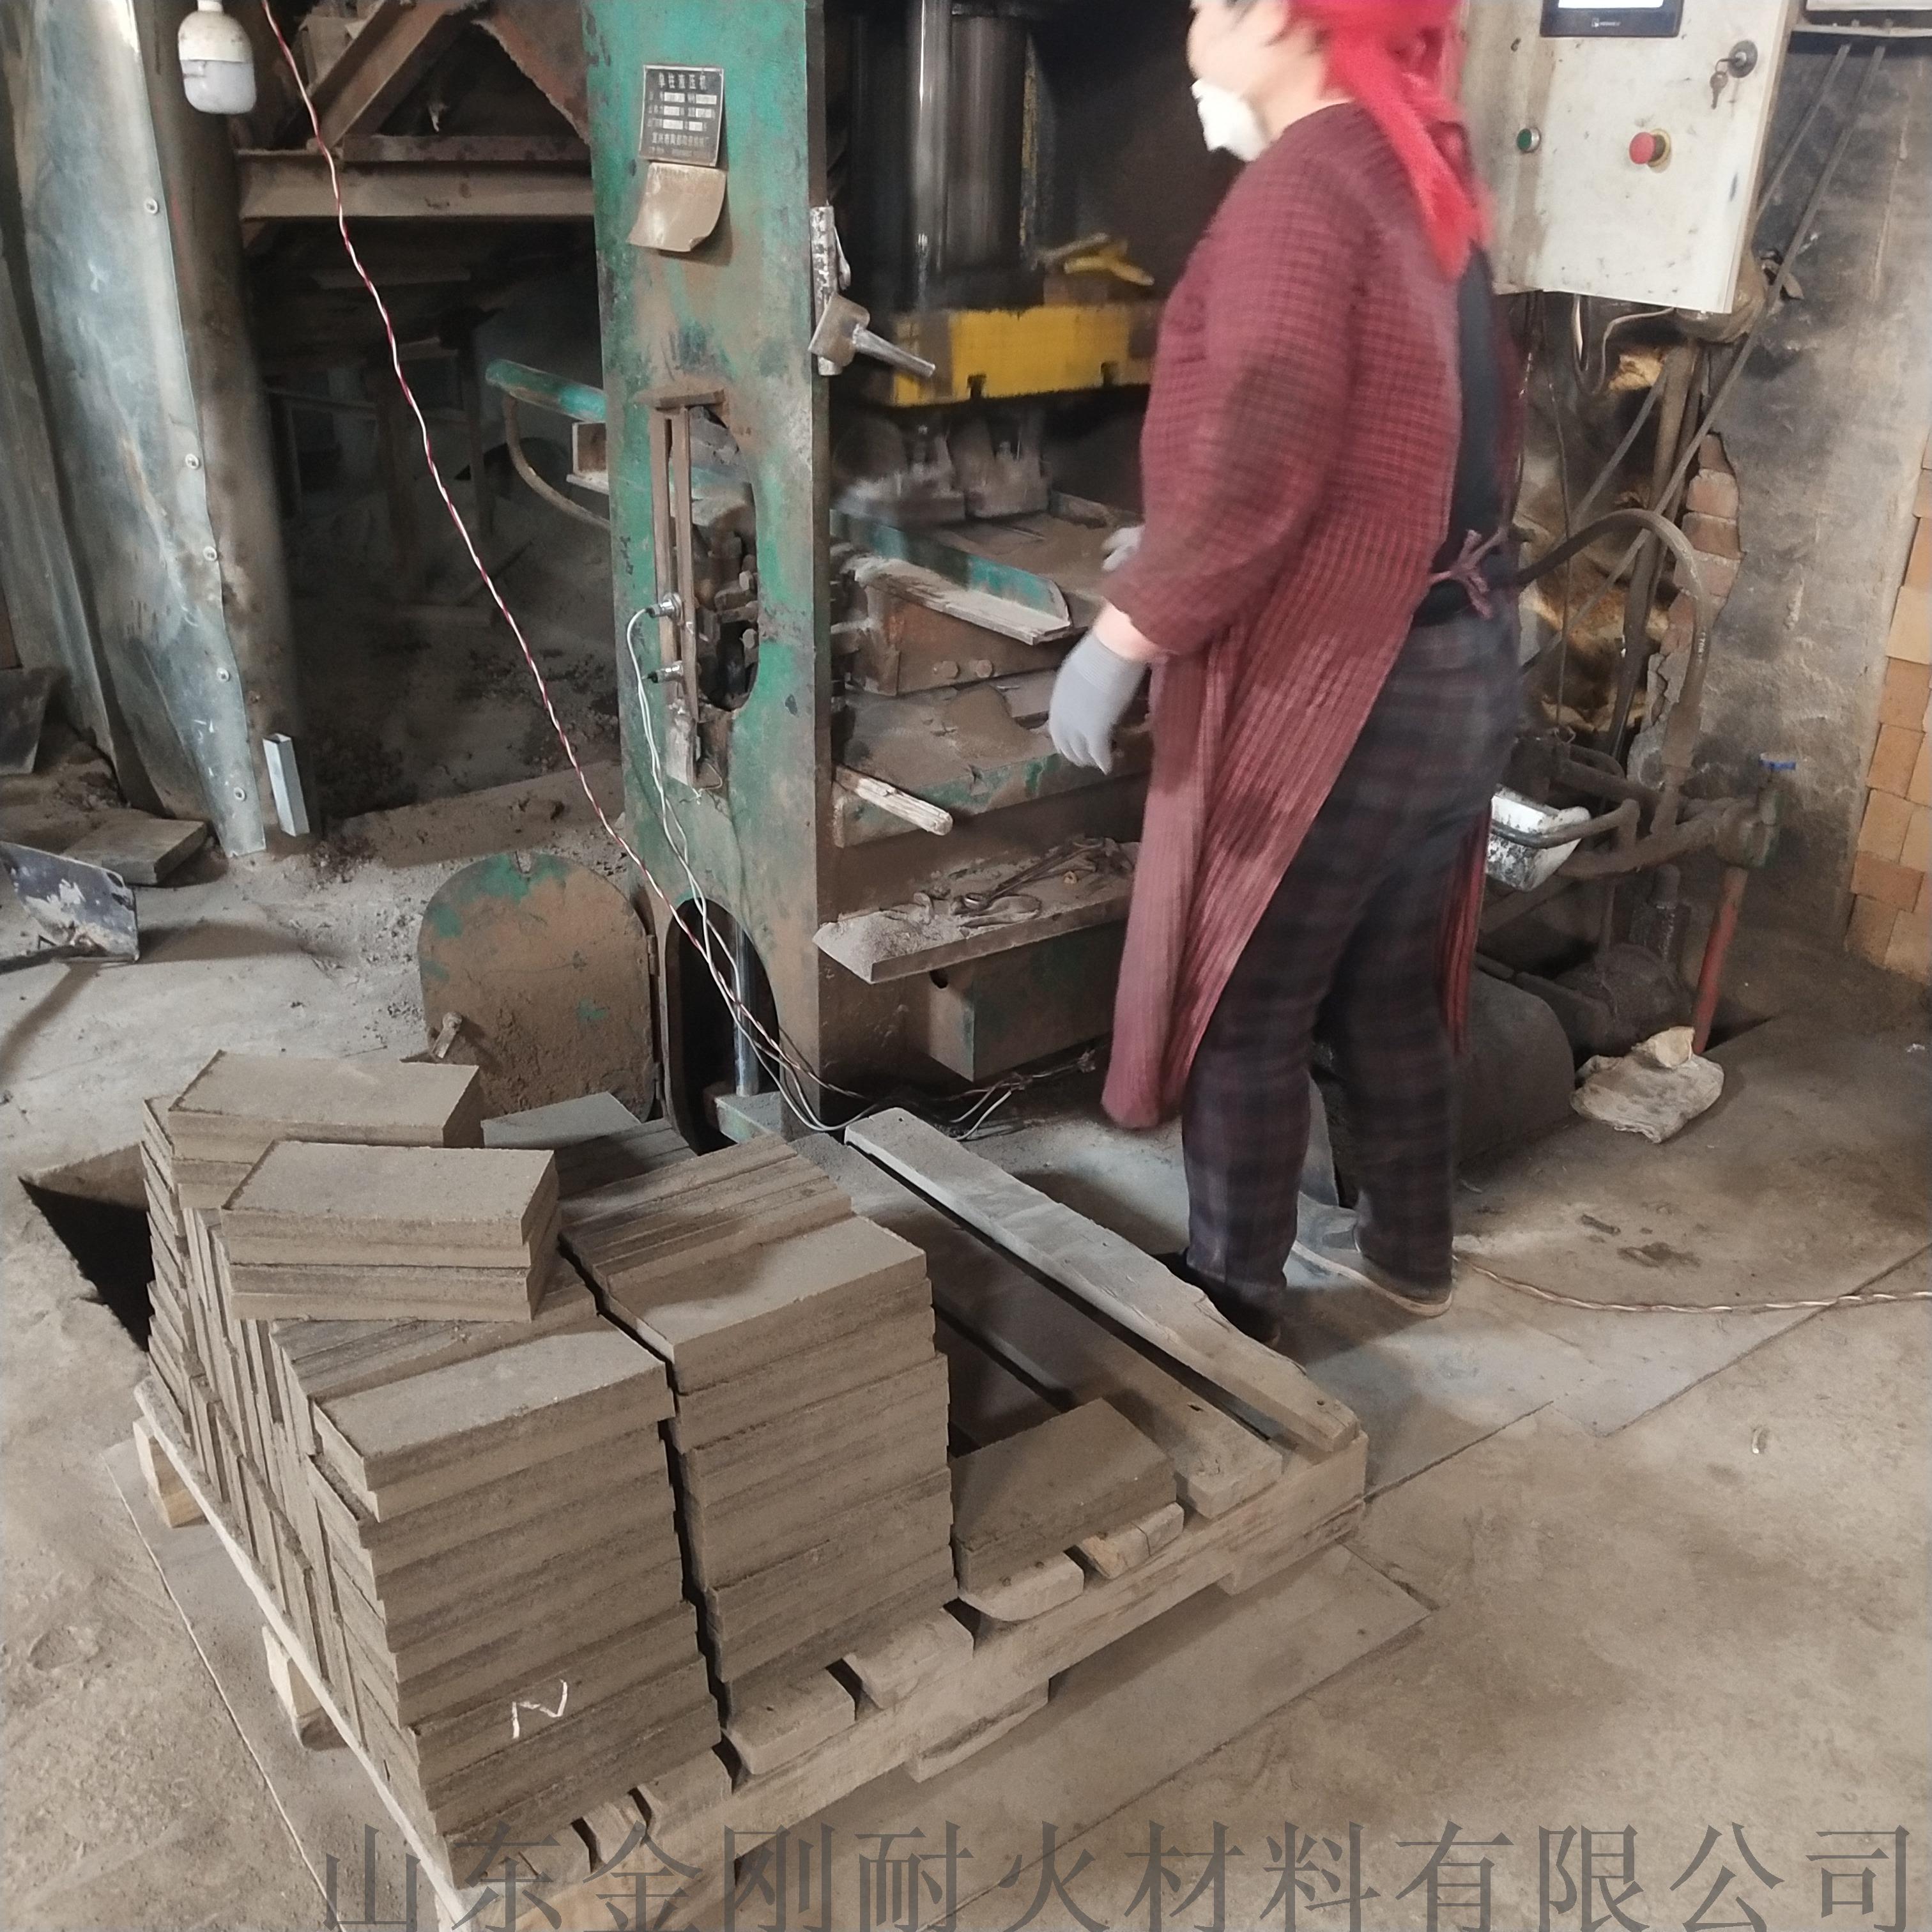 优质T3标准砖厂家 山东淄博厂家 耐火砖厂家134010682